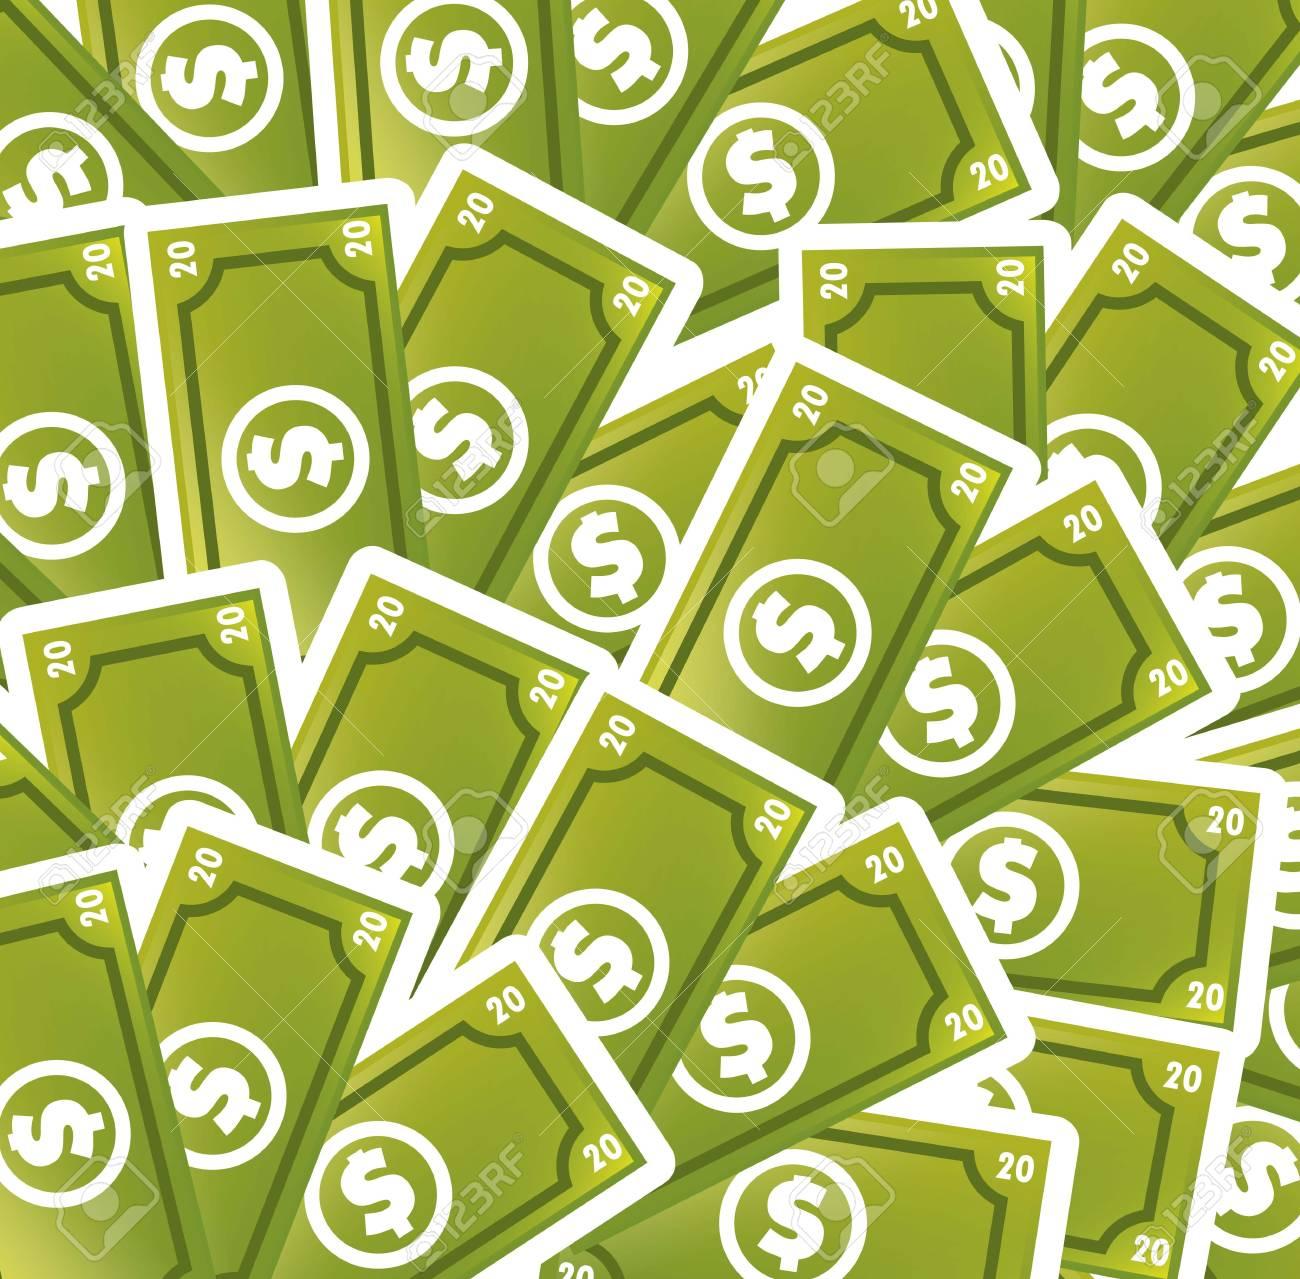 greem bills cartoon background. vector illustration Stock Vector - 17784492